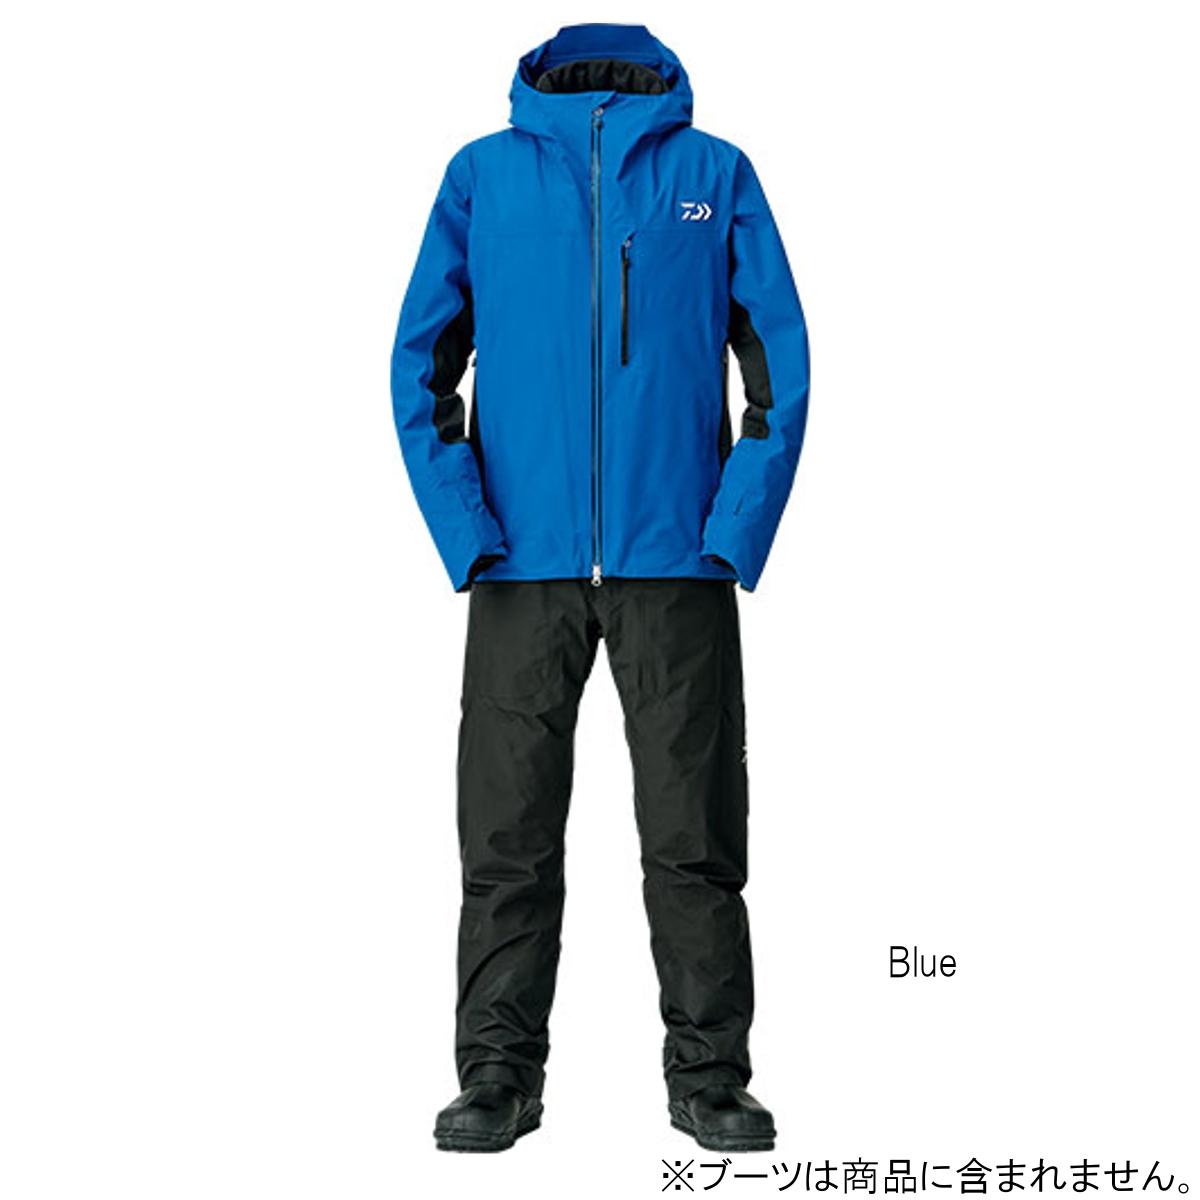 ダイワ ゴアテックス プロダクト ウィンタースーツ DW-1208 XL Blue(東日本店)